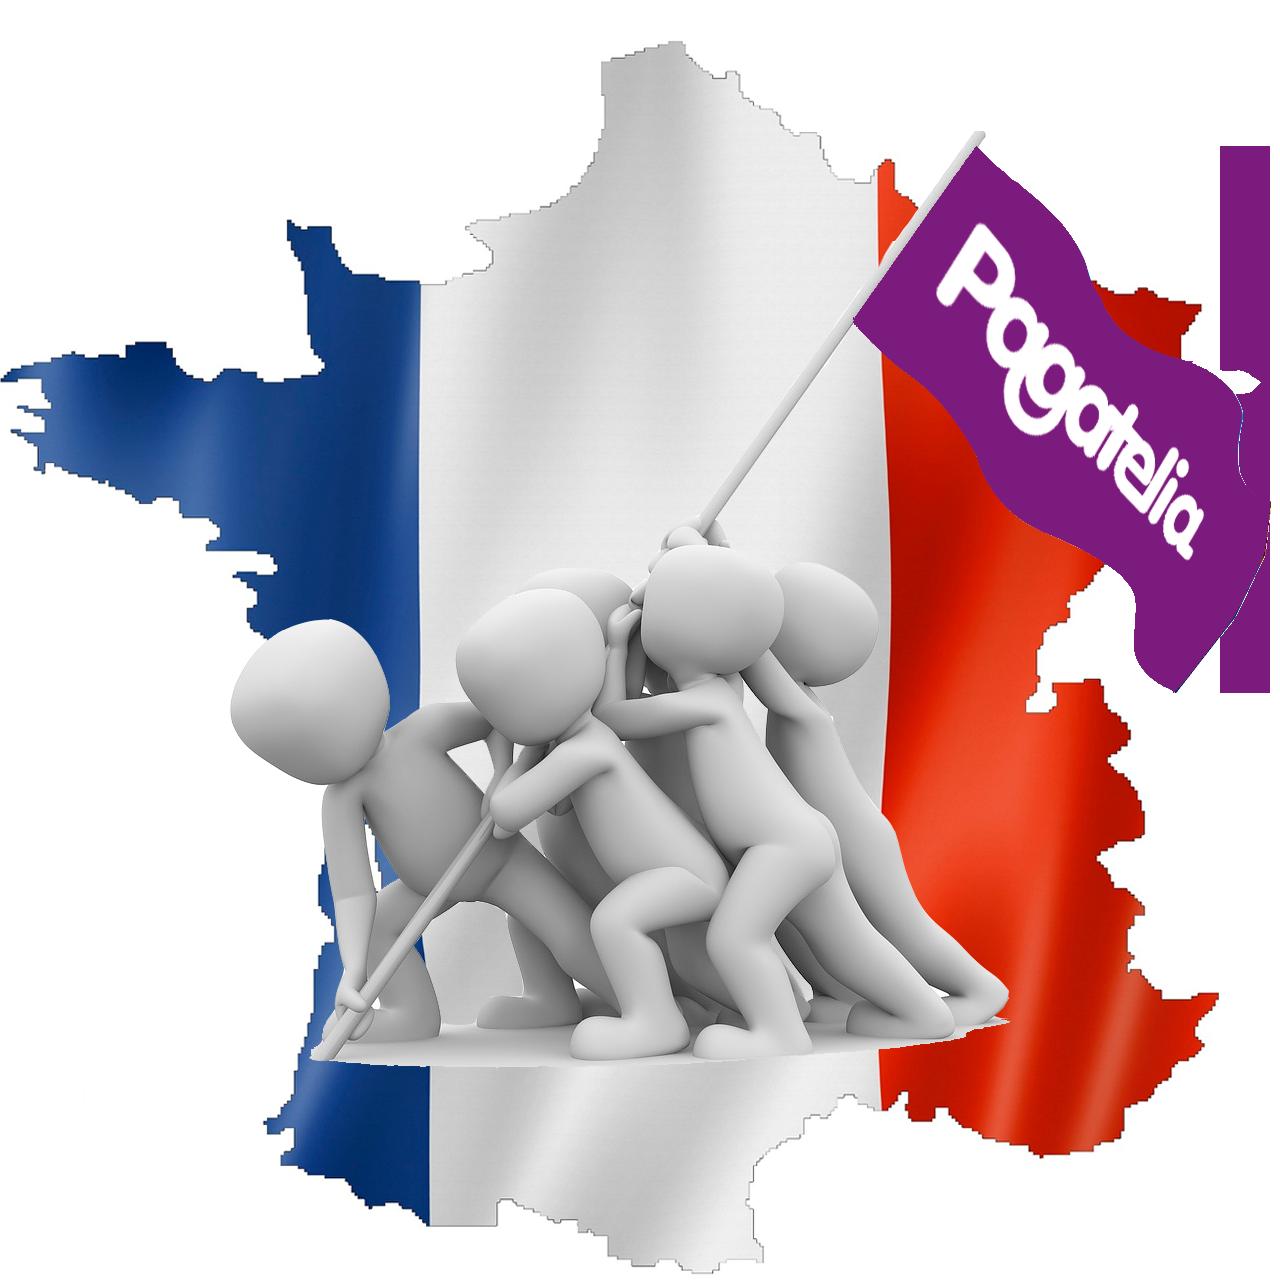 nuevos-servicio-de-telepeaje-viat-compatible-en-francia-de-pagatelia